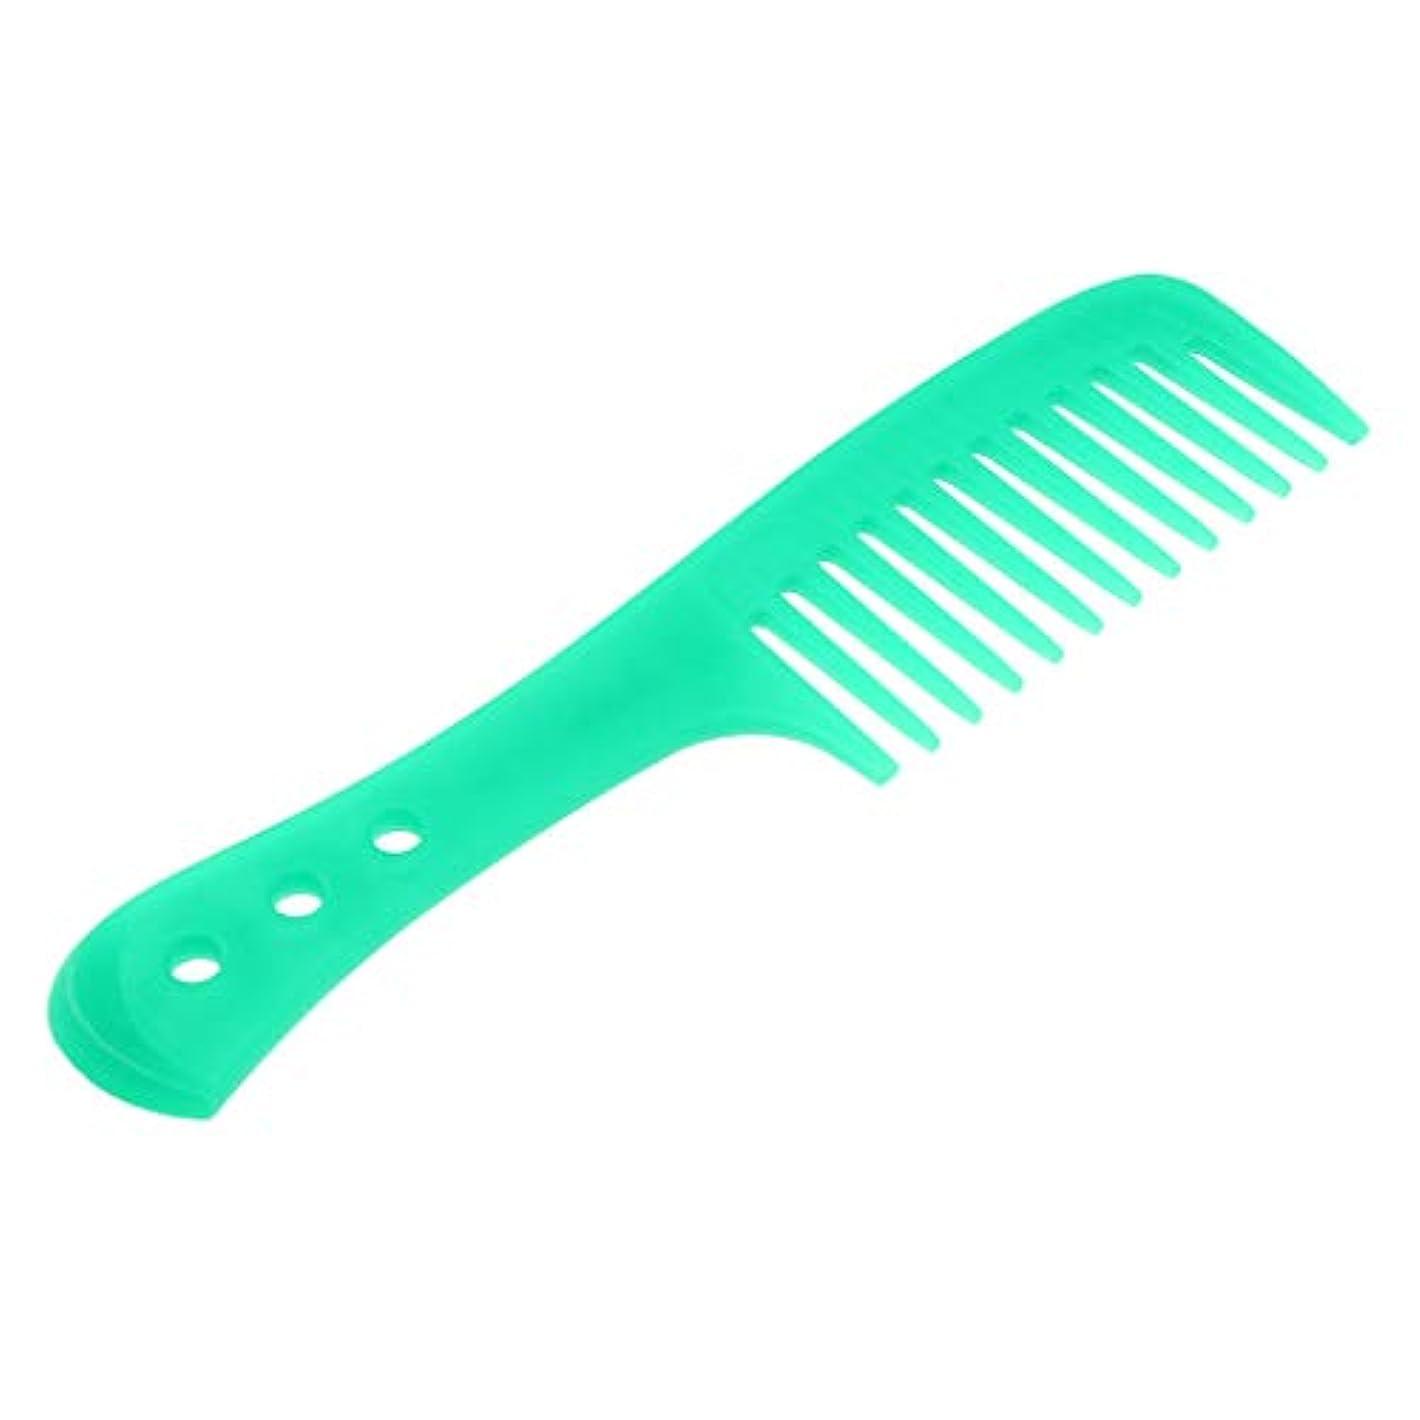 怒り慣れる電池SDENSHI 美容整形美容整形髪ブラシ - 緑